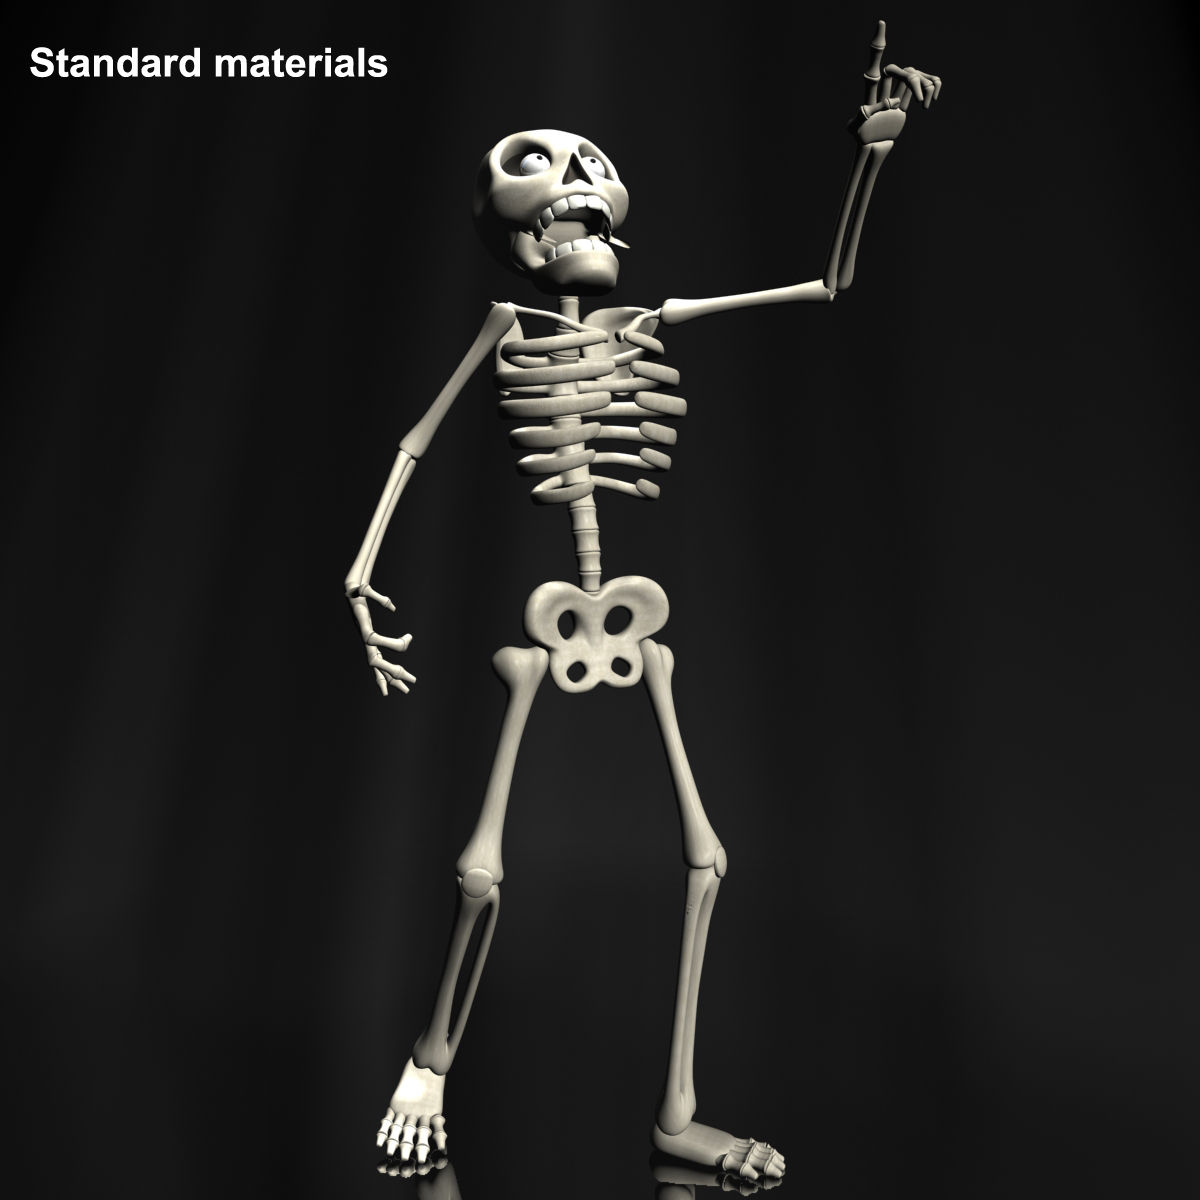 karikatūra skelets rigged 3d modelis 3ds max fbx obj 215121